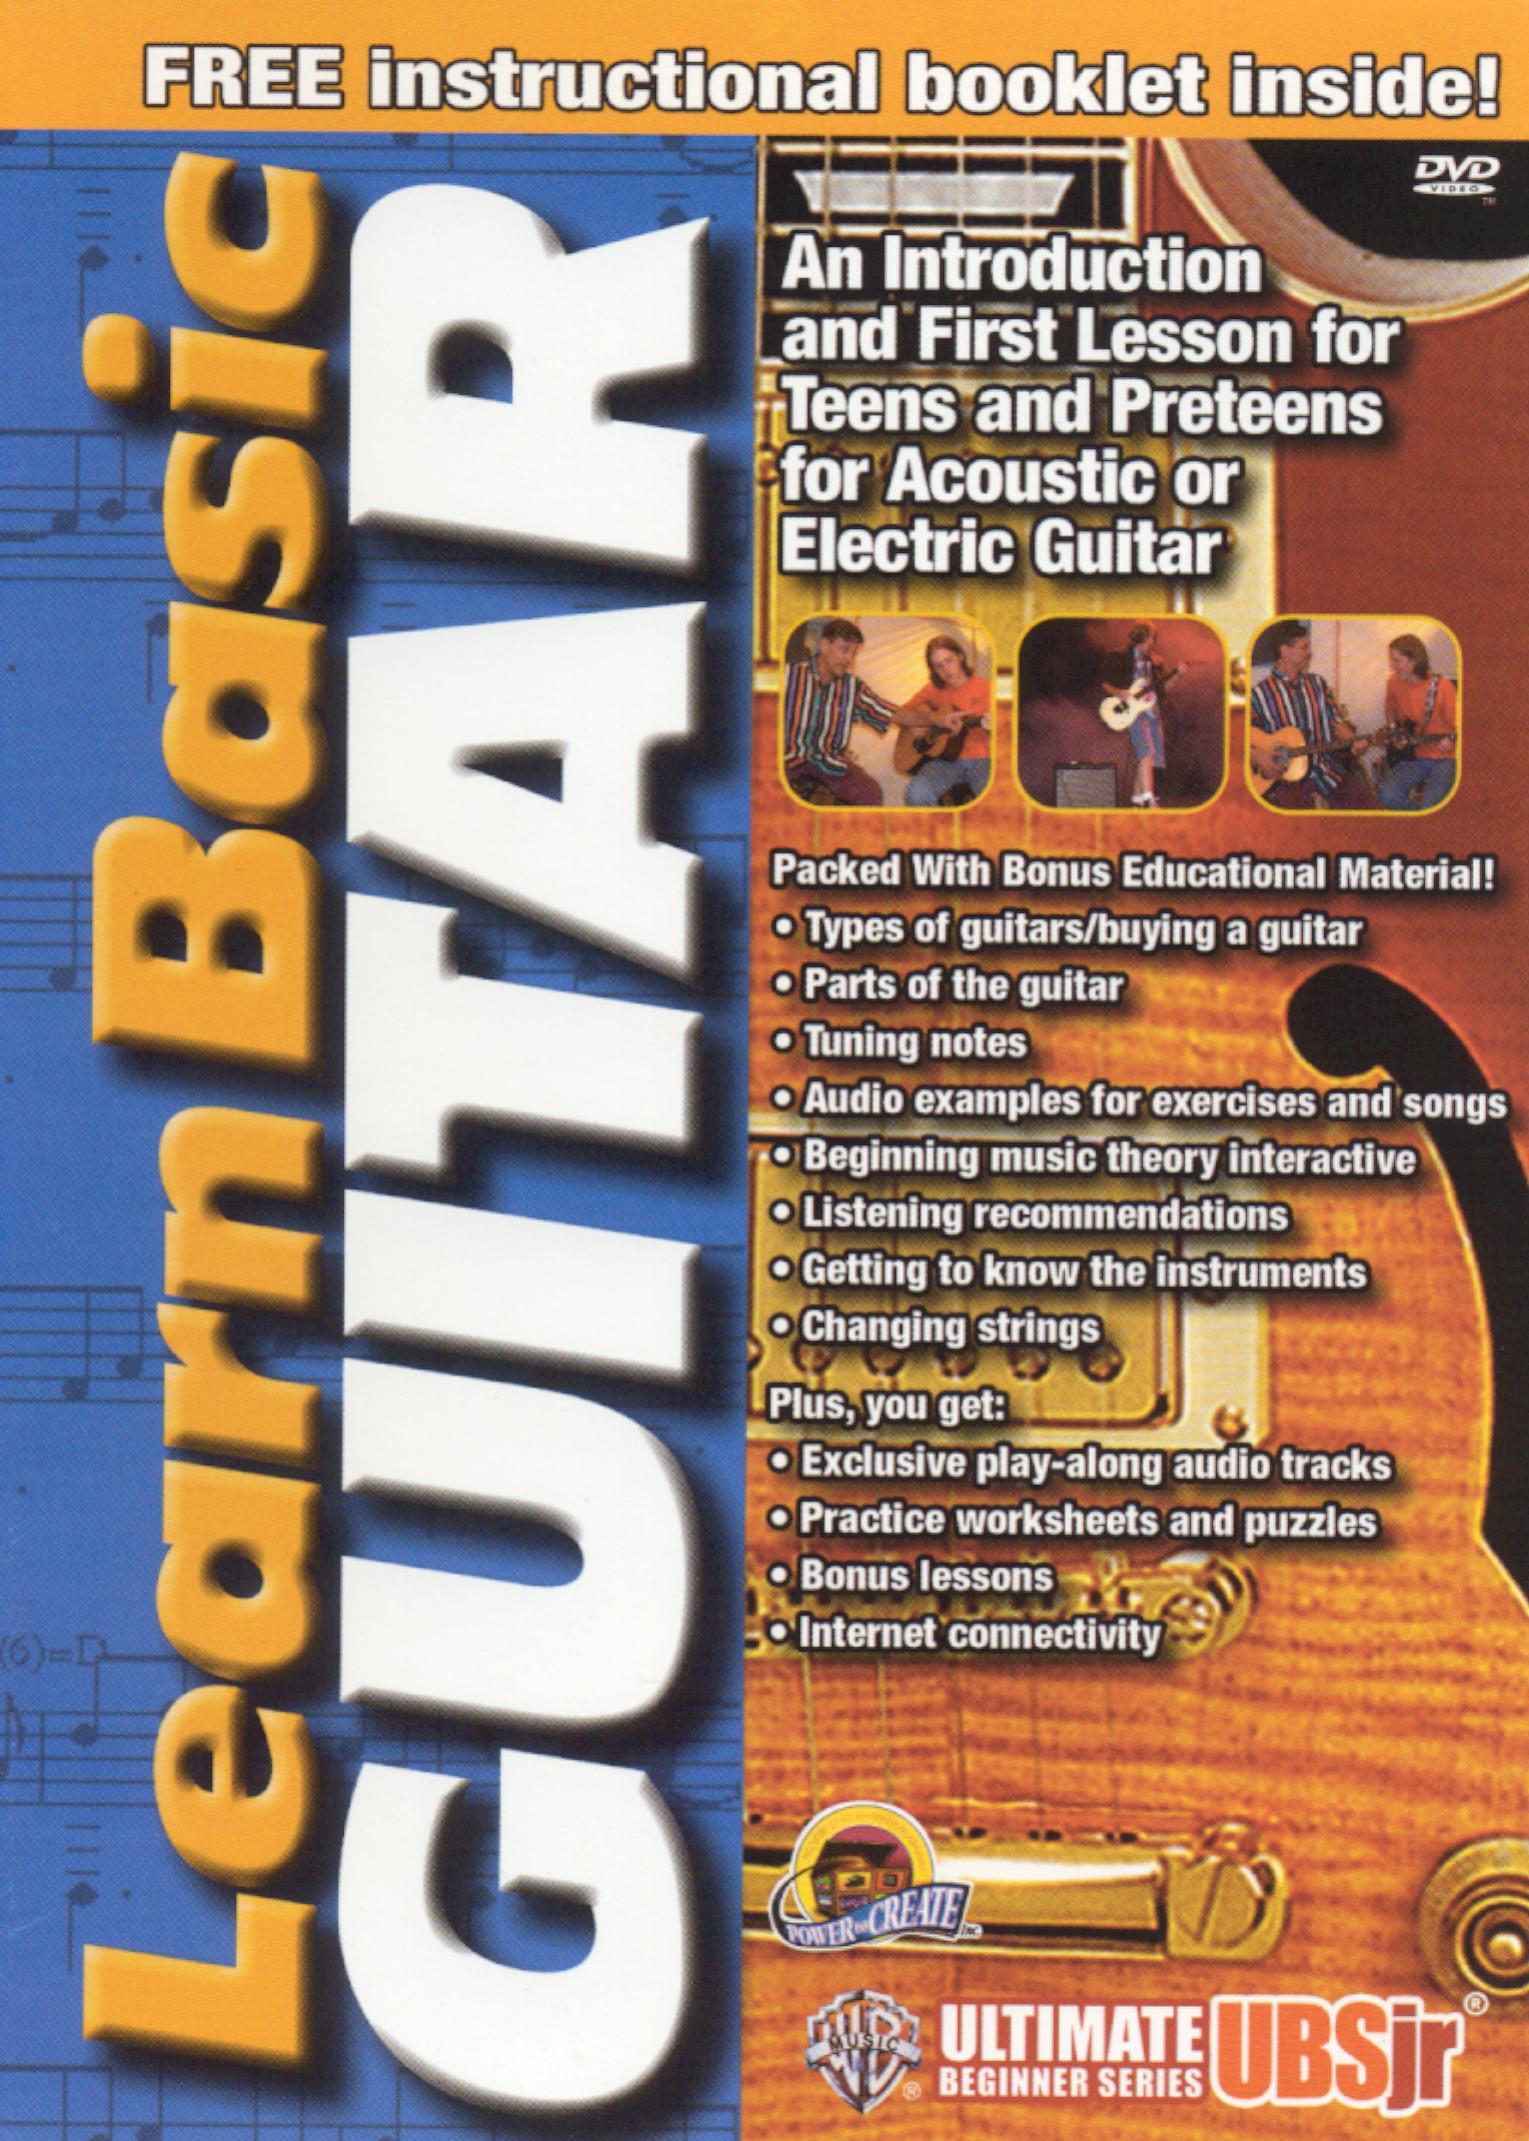 Ultimate Beginner Jr.: Learn Basic Guitar